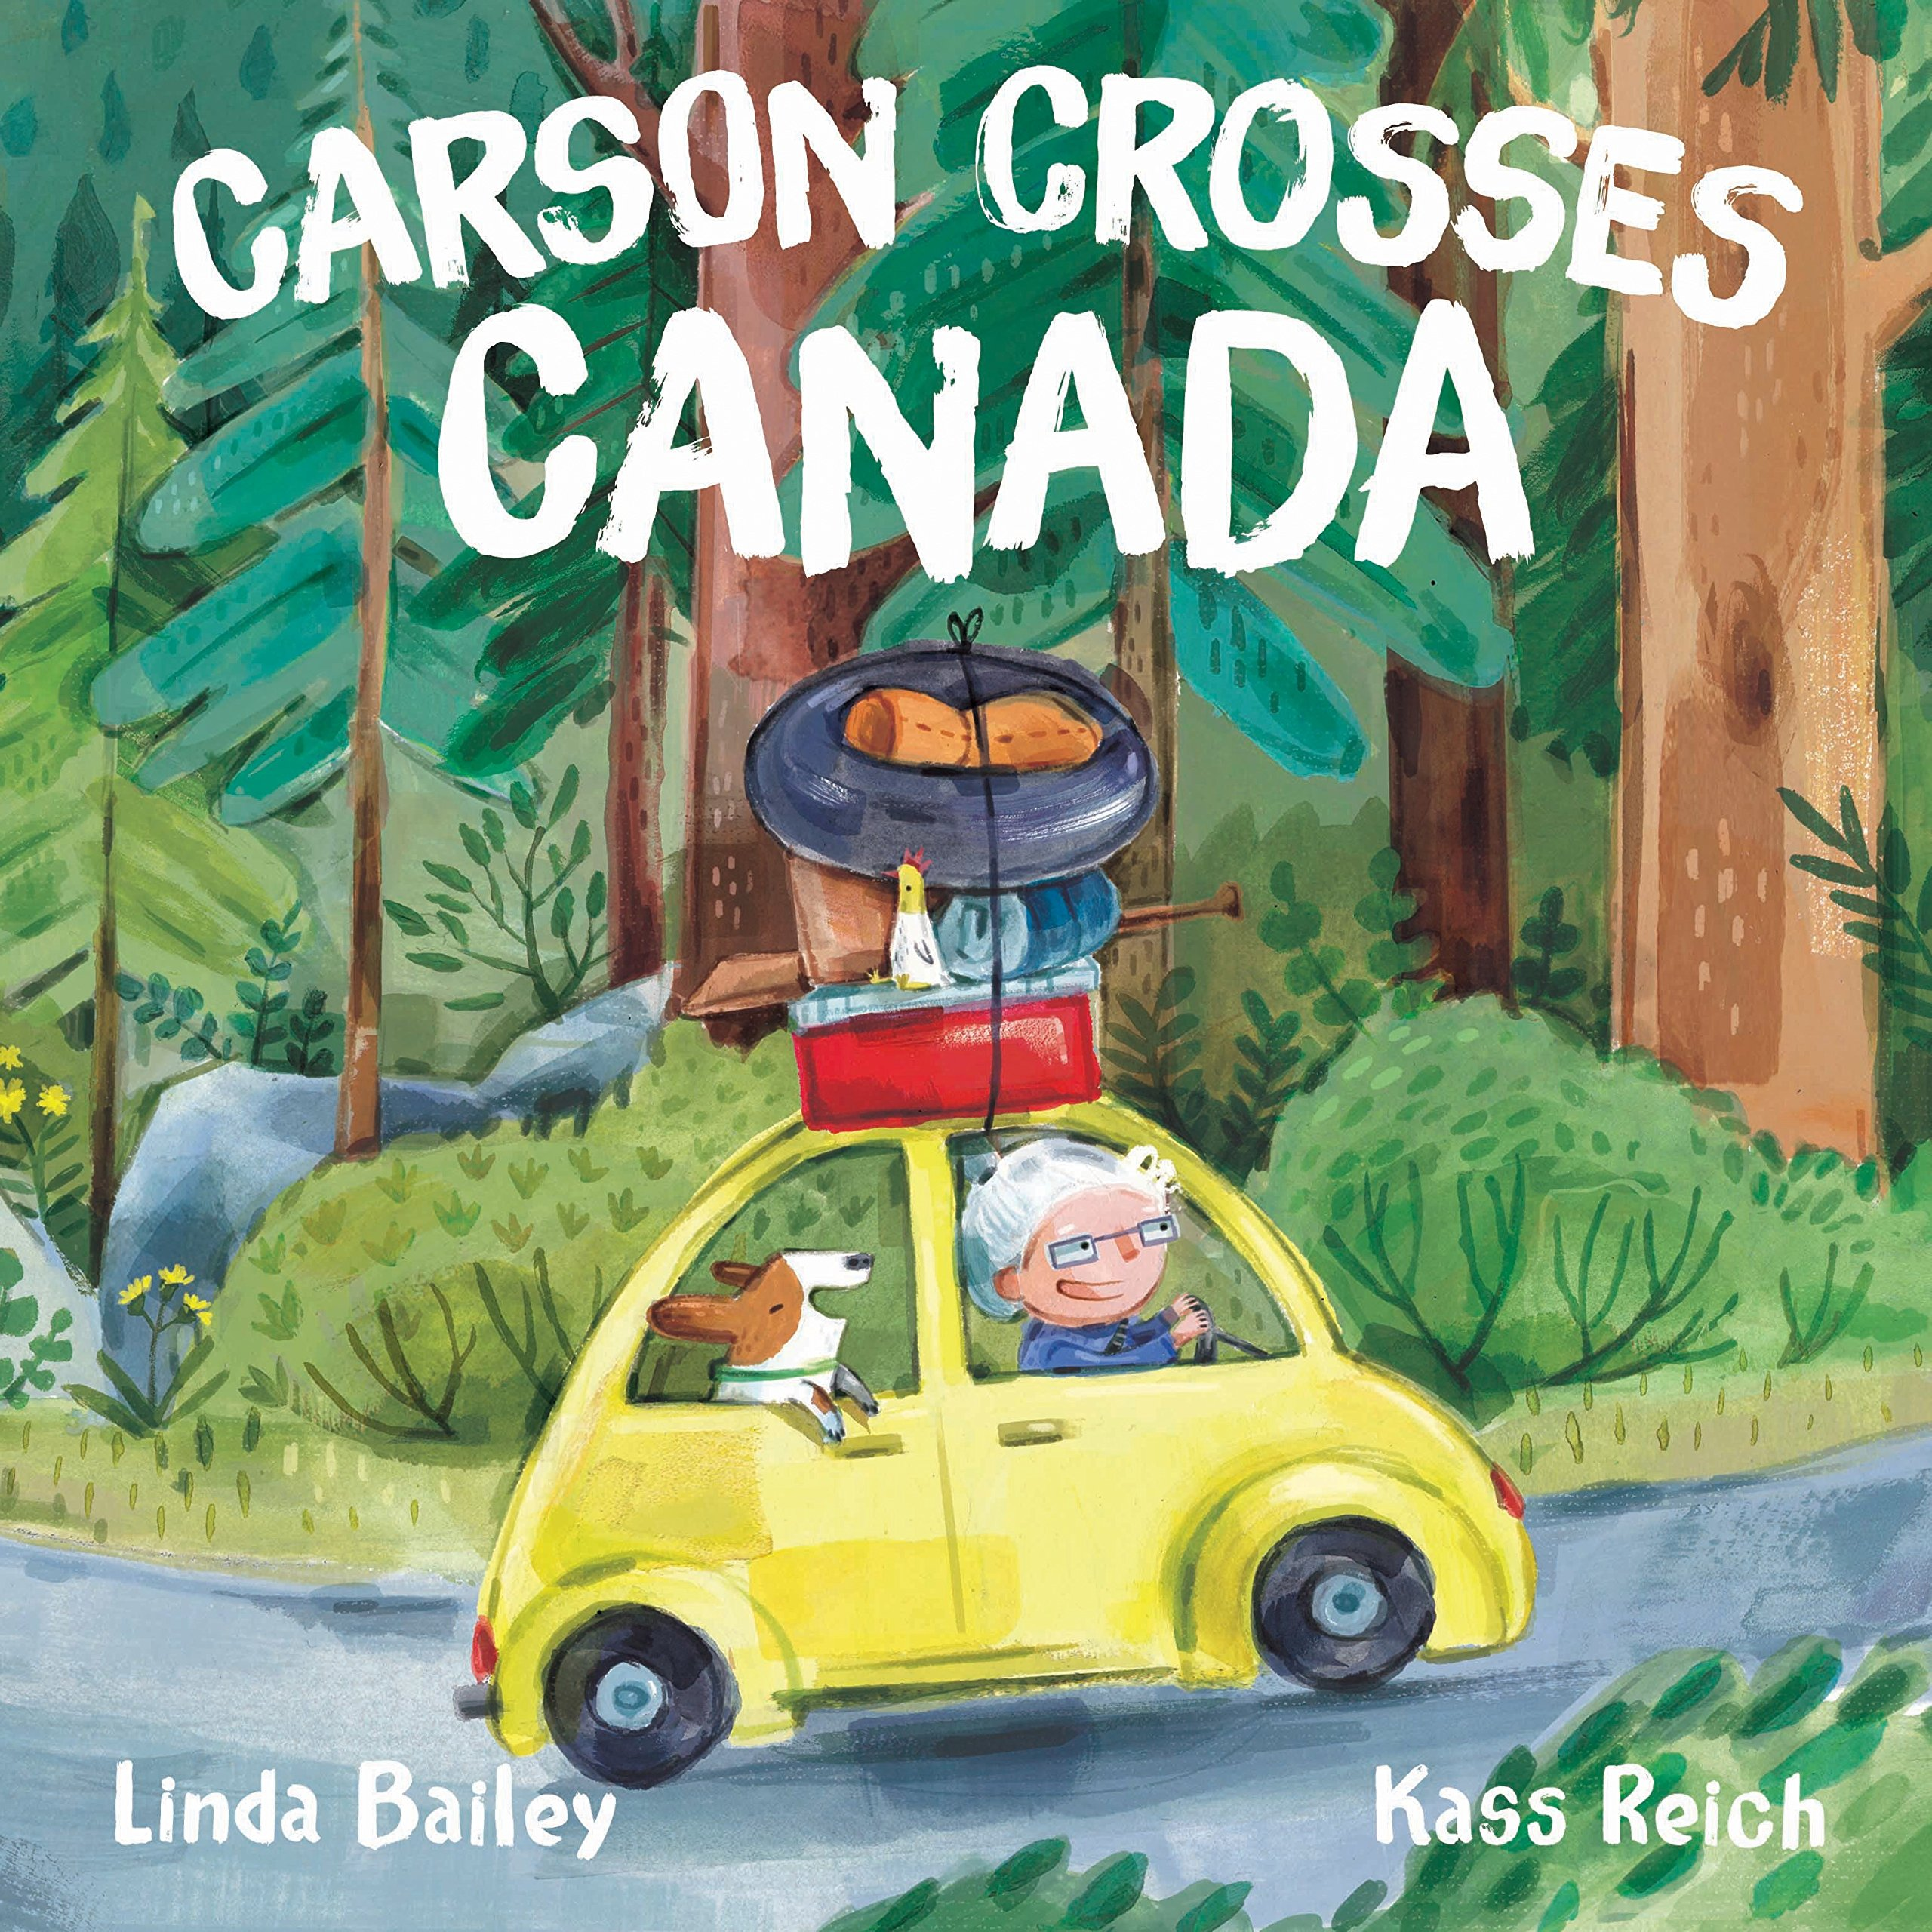 celebrate-picture-books-picture-book-review-carson-crosses-canada-cover